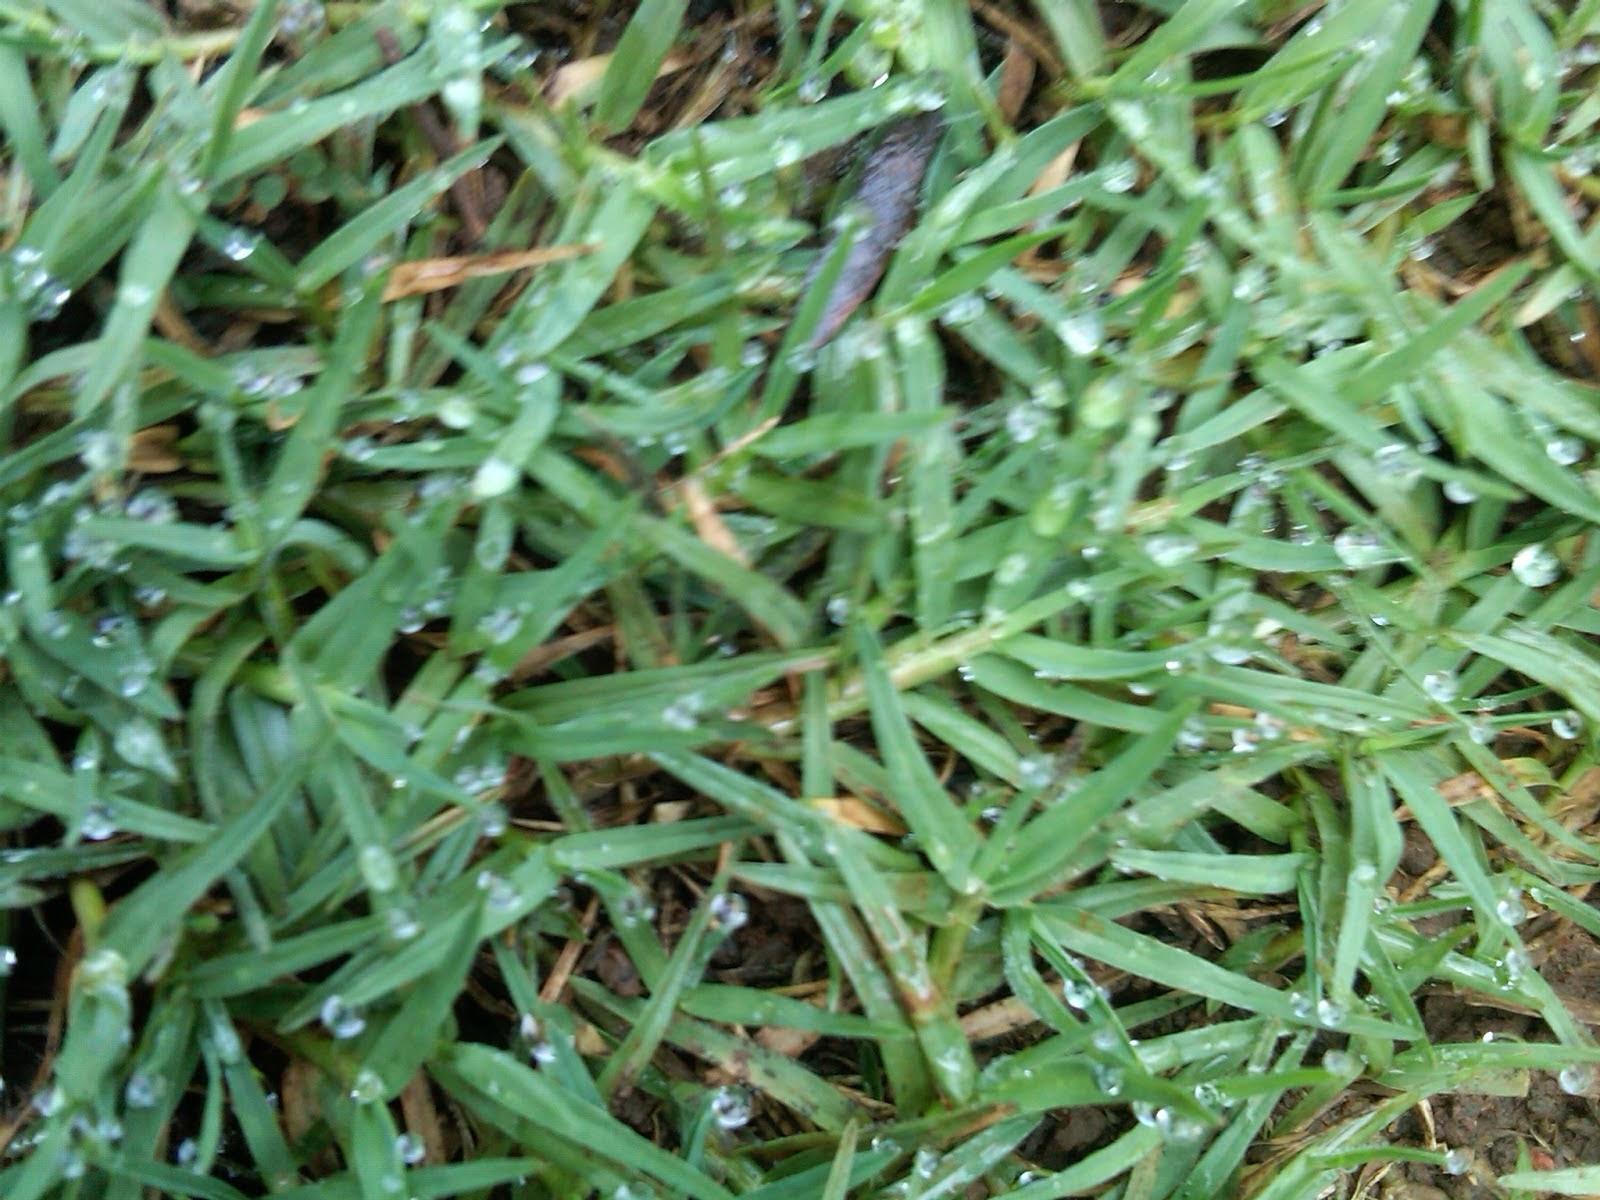 http://tukangtamankaryaalam.blogspot.com/2014/12/rumput-golf-tukang-rumput-golf.html